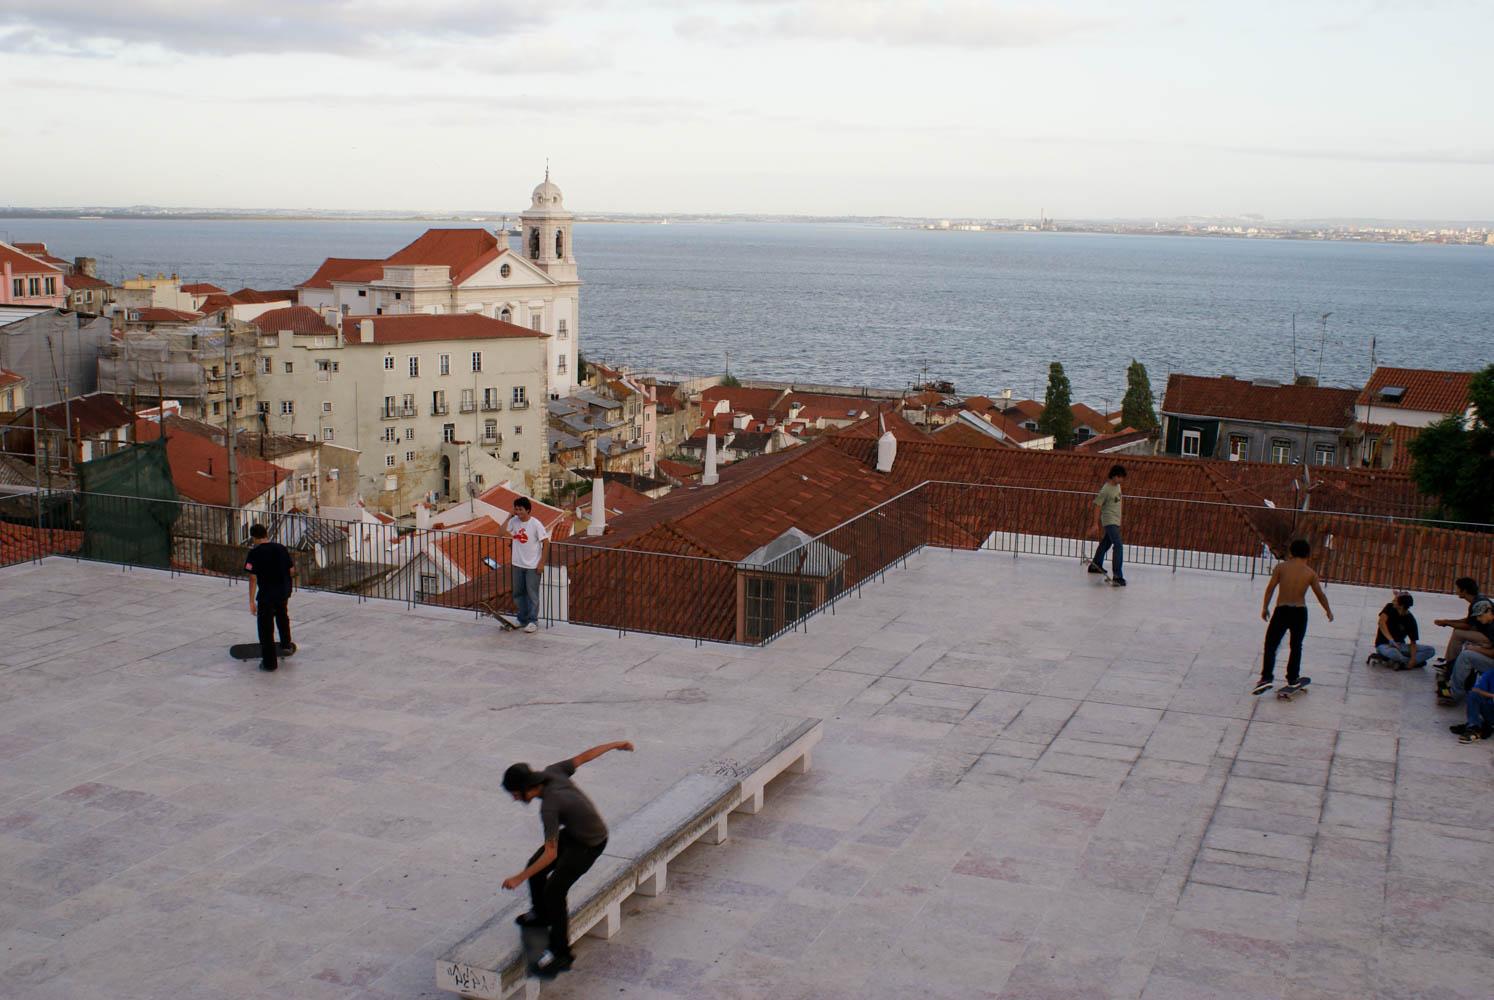 Overlooking the Alfama neigborhood